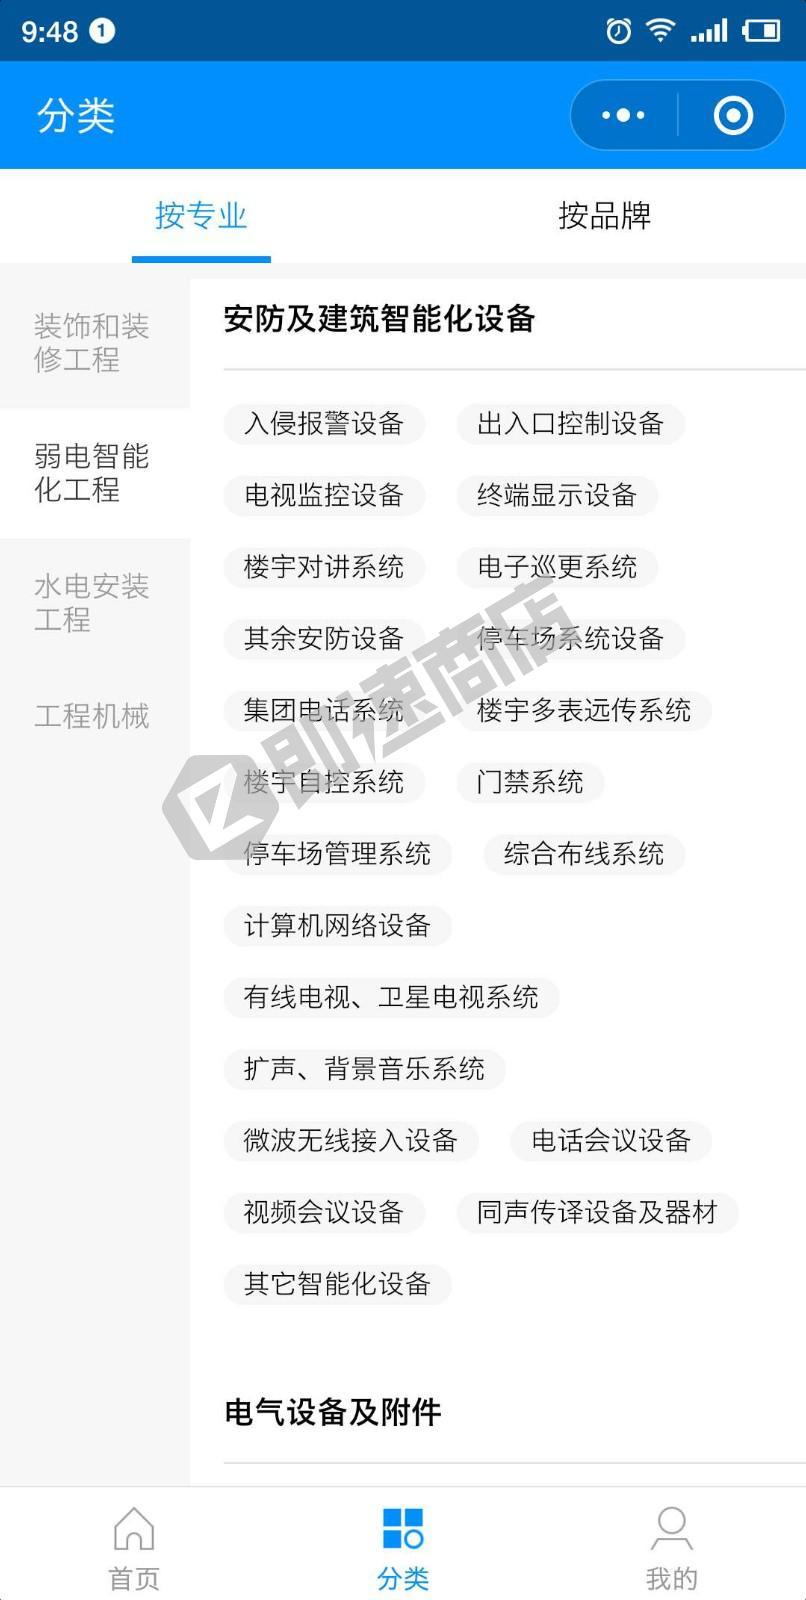 供应e小程序列表页截图